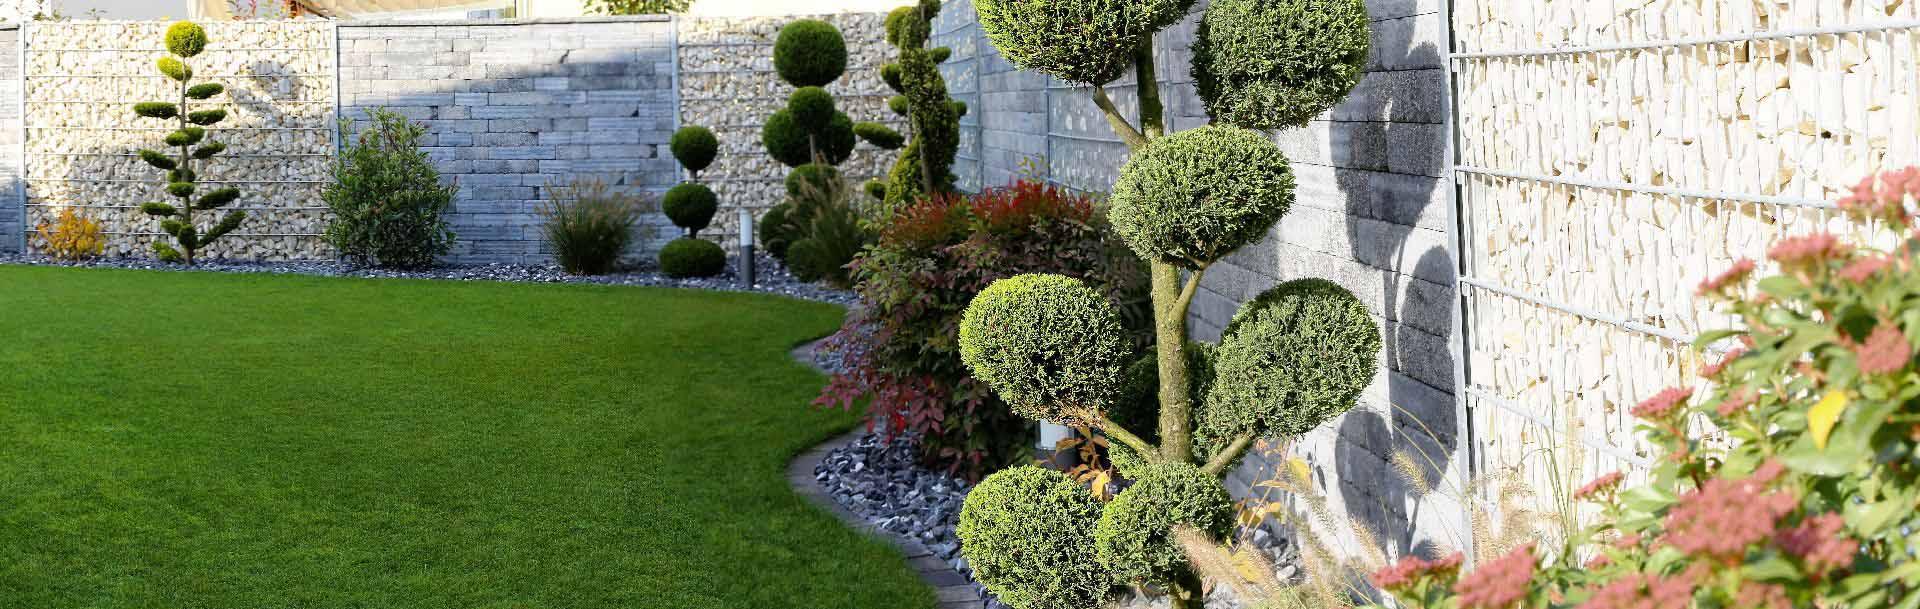 Vert et Jardin   aménagement de jardin près de Vesoul